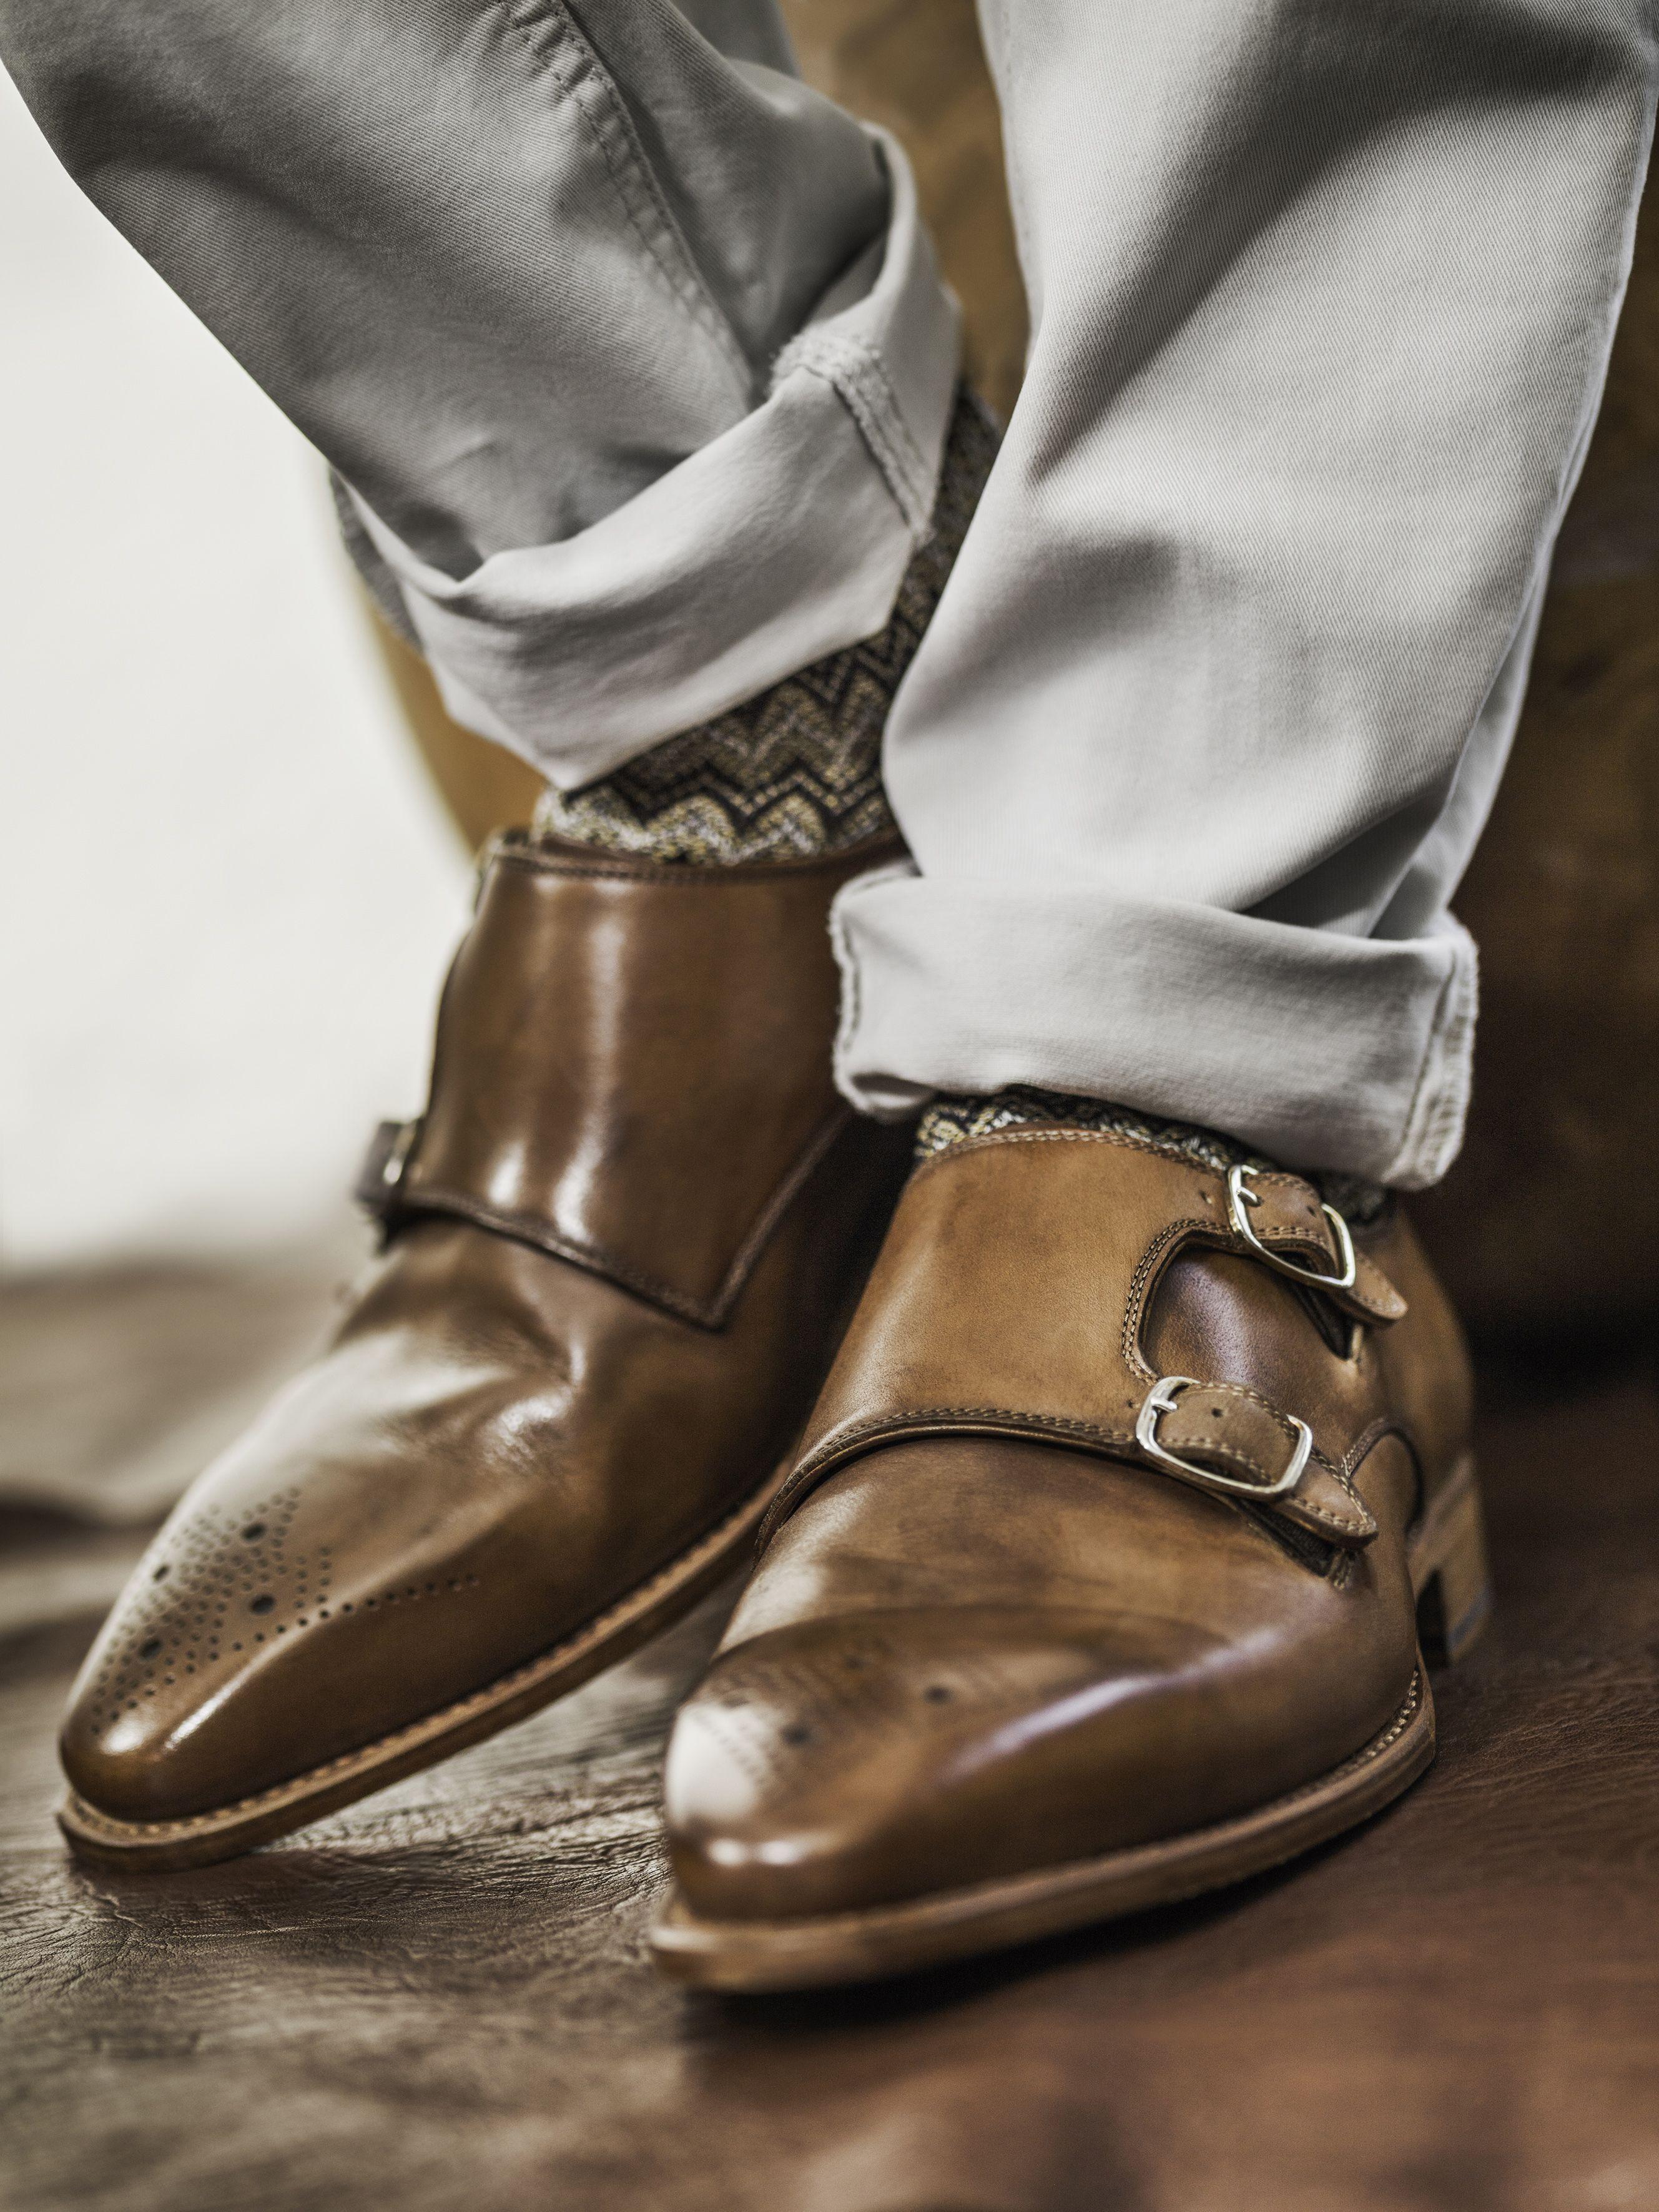 b9ab1dc5a7b1 Ausgefallene Business Schuhe für Herren der Marke Prime Shoes ...